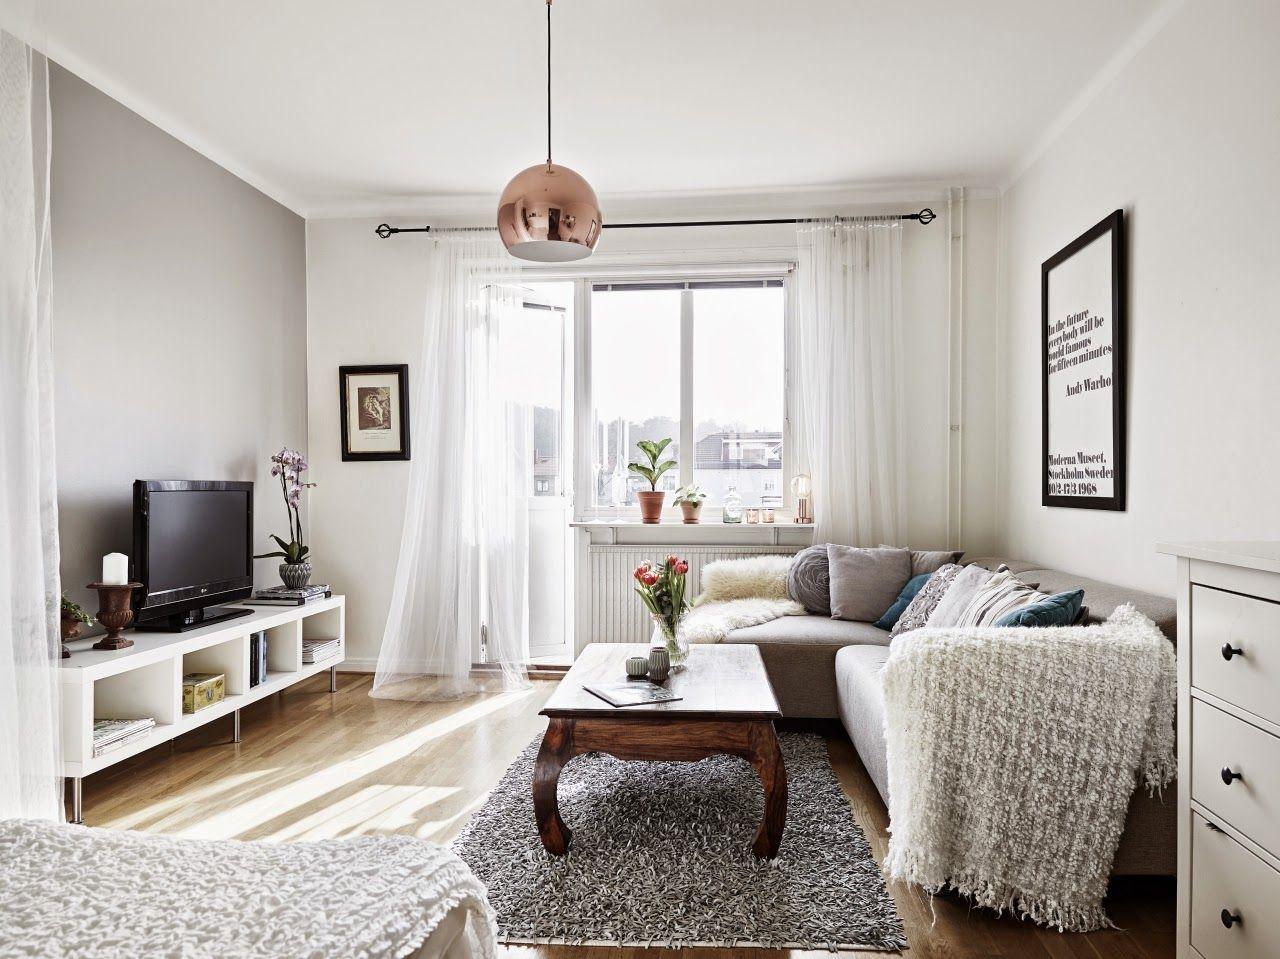 Inspiraci n deco blanco y gris en un apartamento de for Decoracion piso blanco